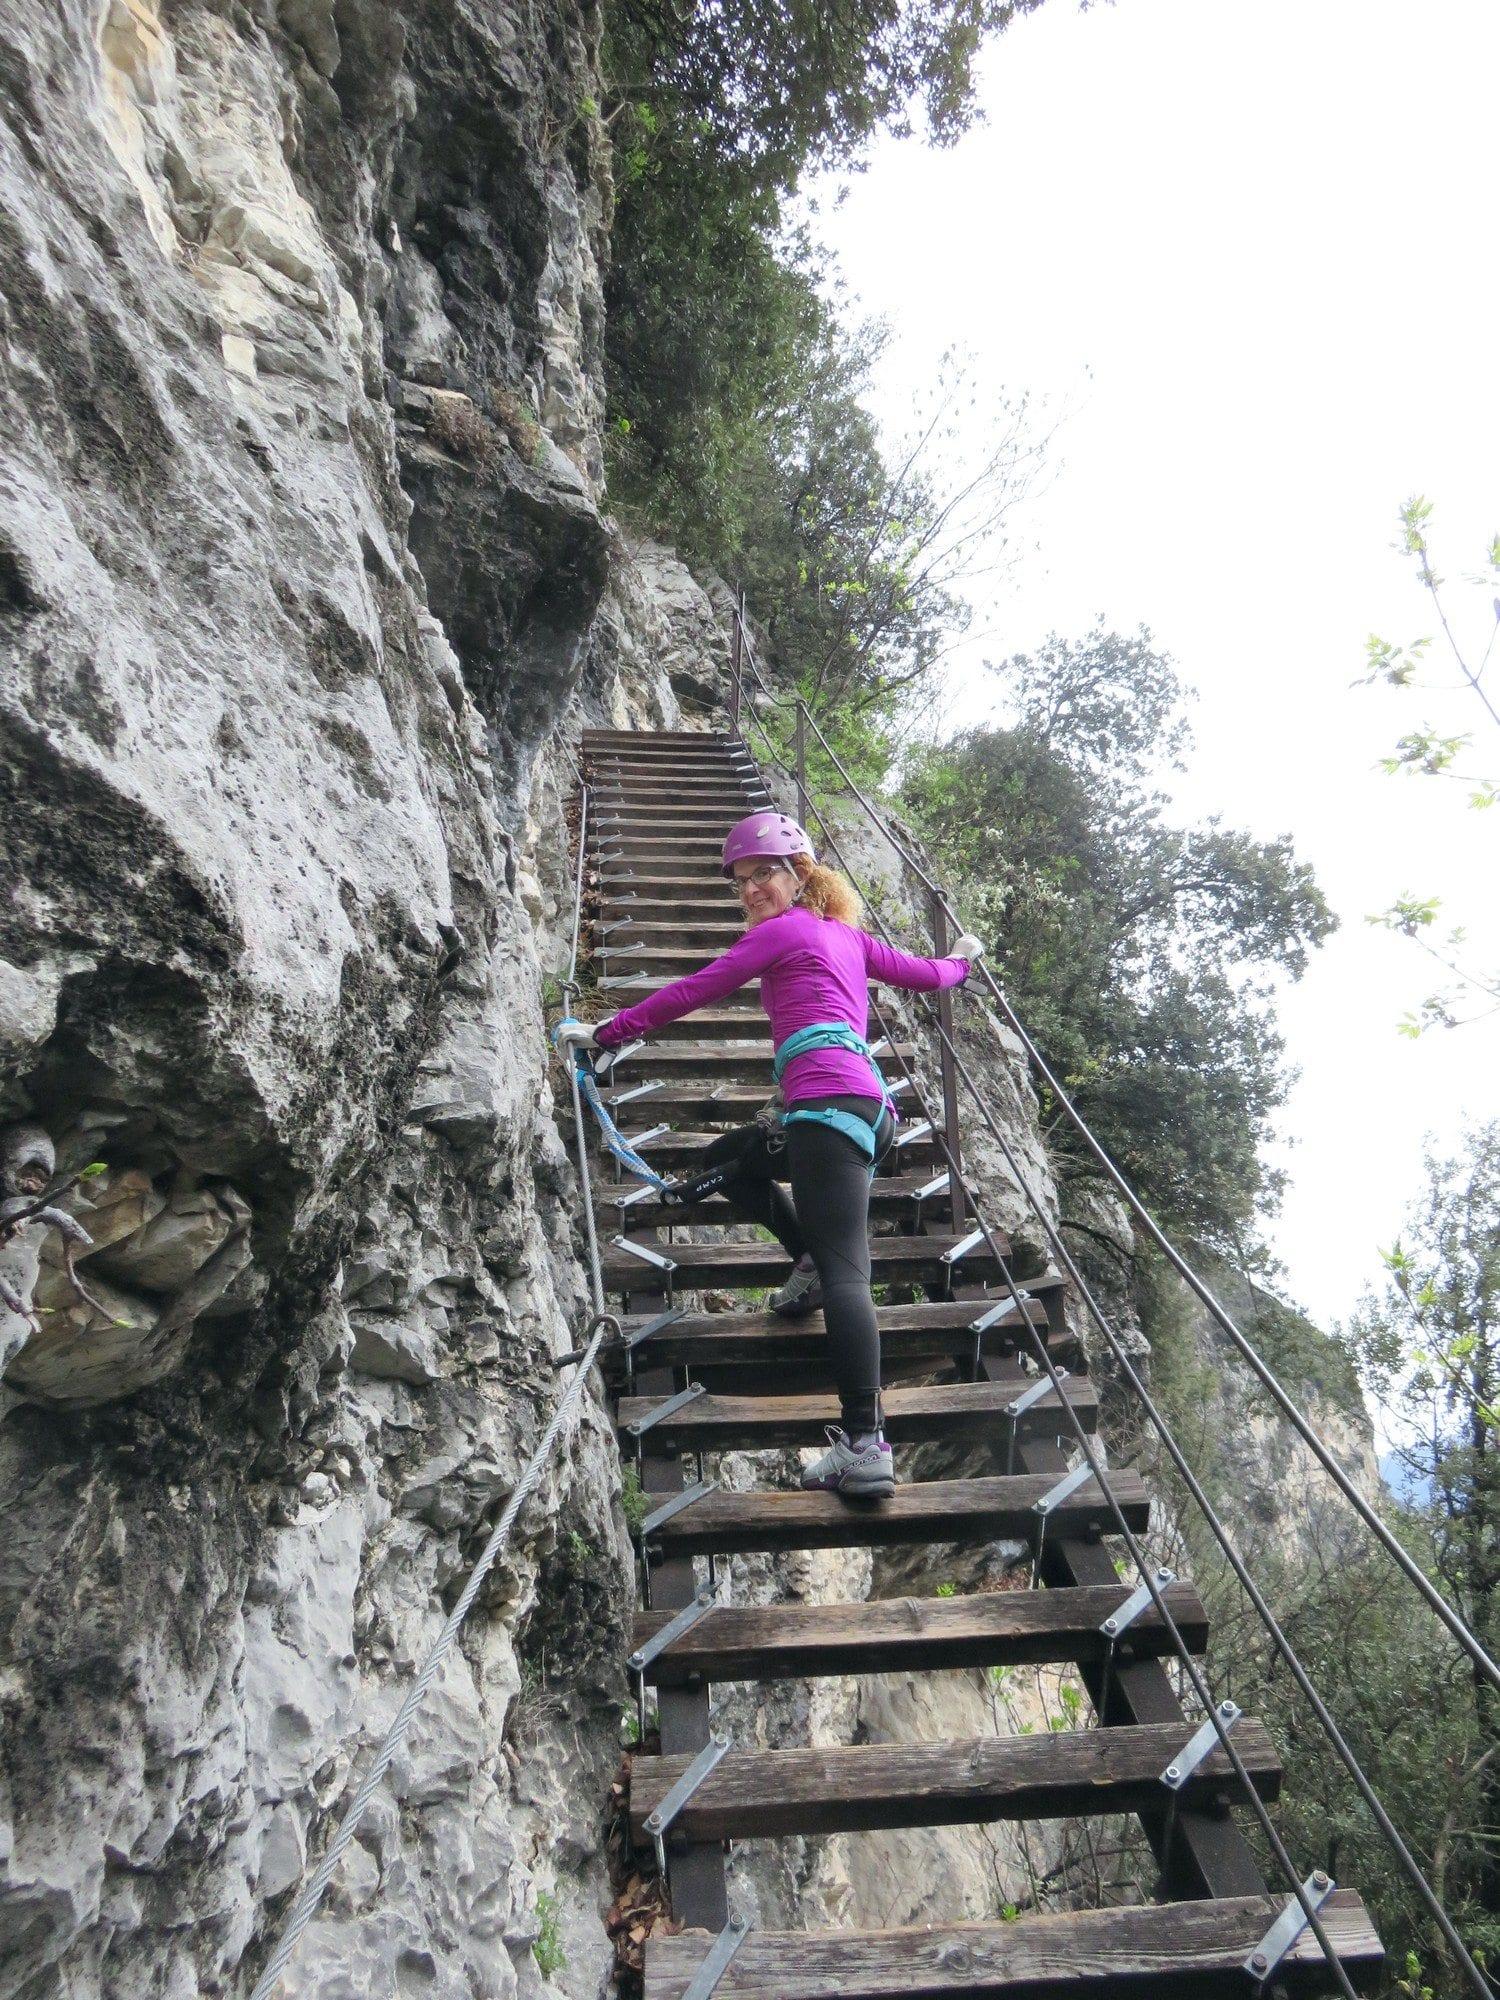 ויה פראטה Scaloni, ארקו, דולומיטים, טיול אתגר בצפון איטליה, ערוצים בטבע